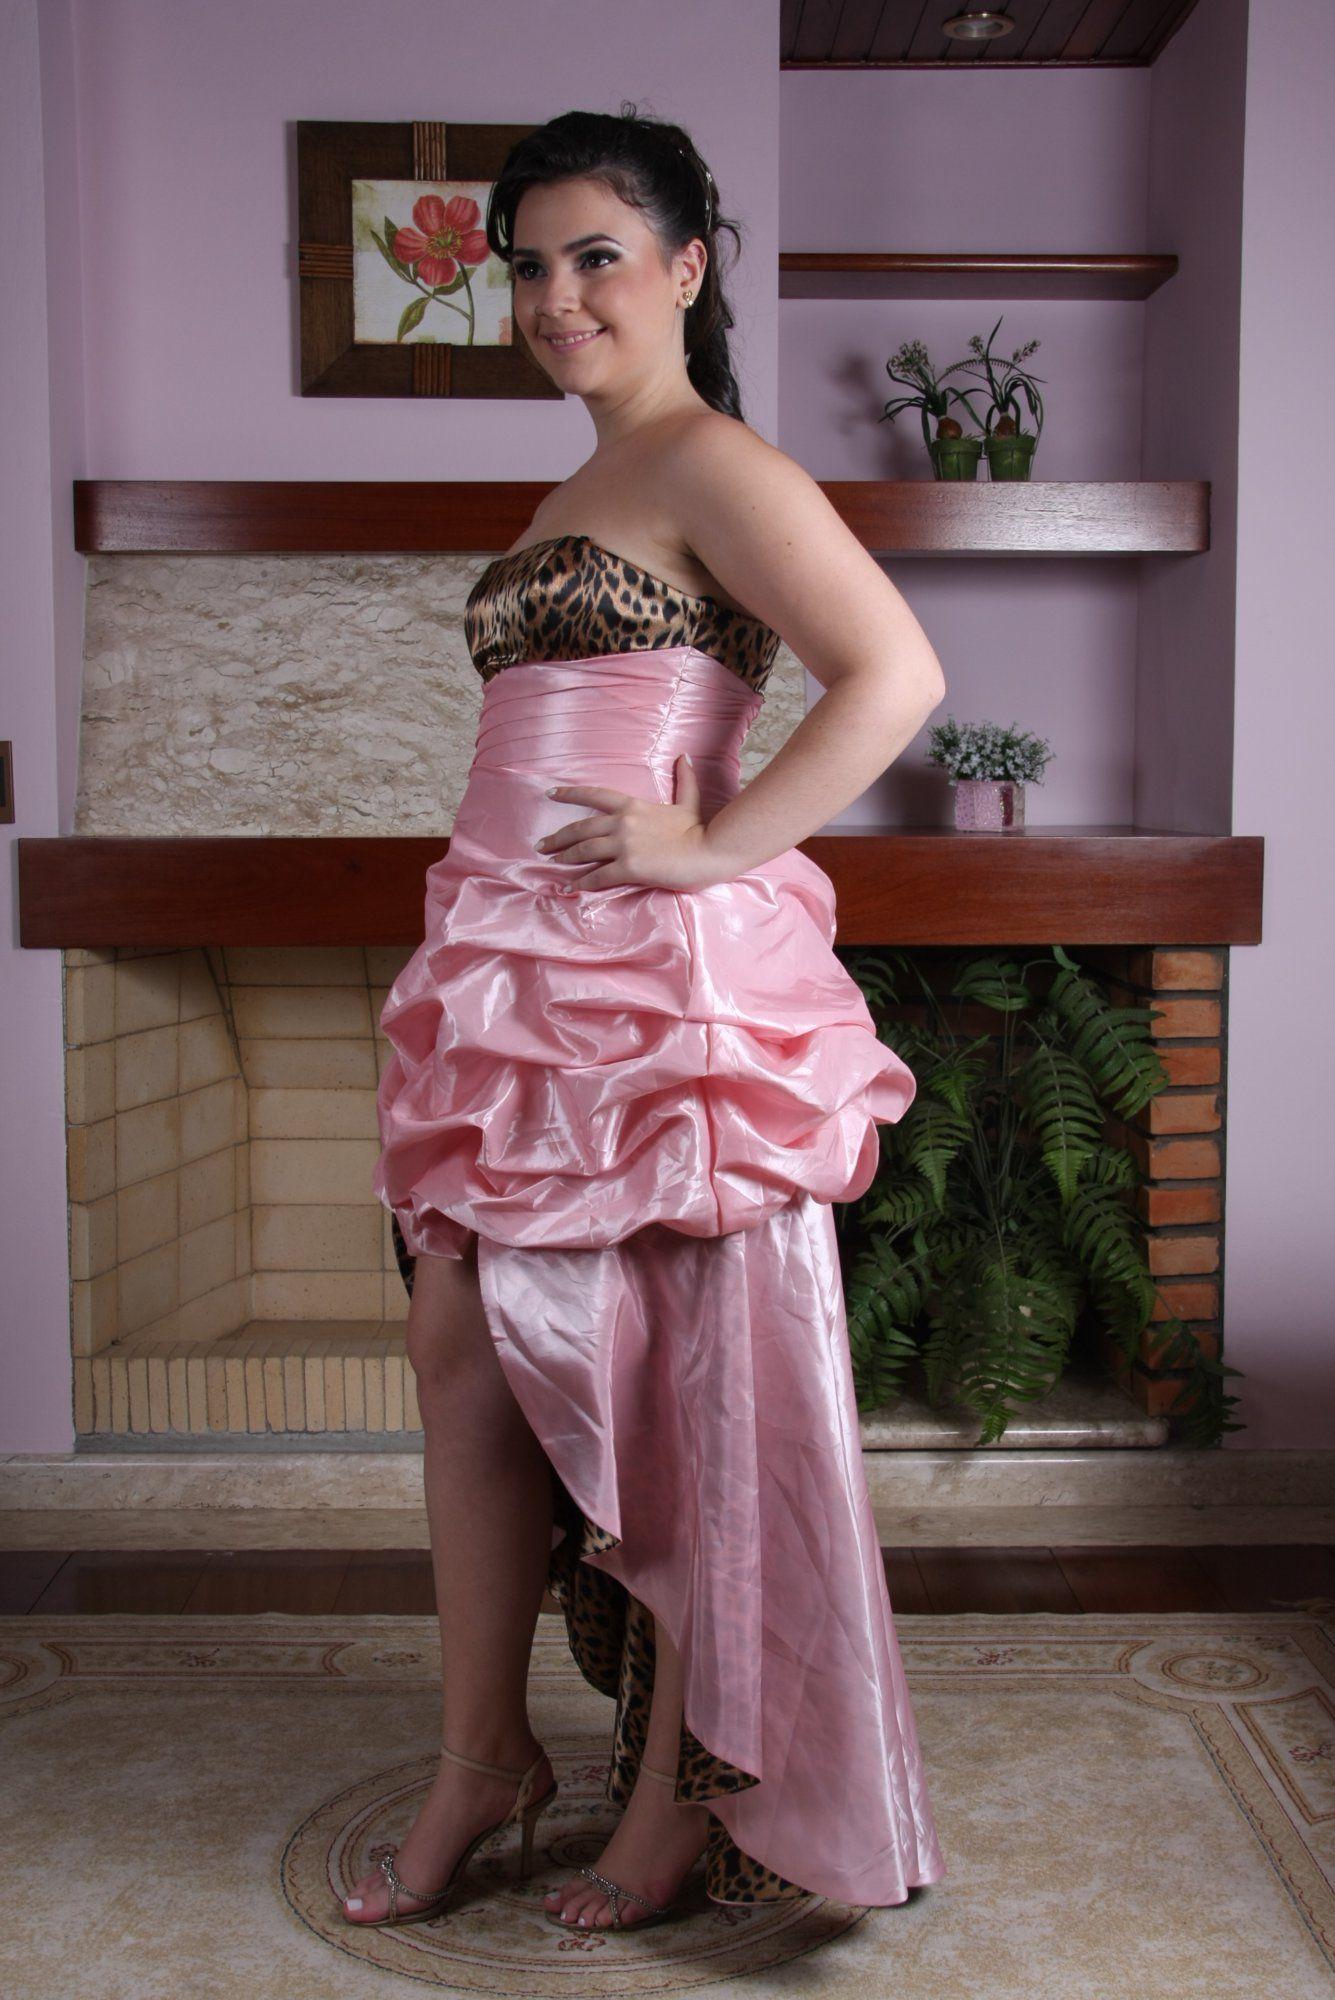 Vestido de Debutante Rosa - 10 - Hipnose Alta Costura e Spa para Noivas e Noivos - Campinas - SP Vestido de Debutante, Vestido de Debutante Rosa, Hipnose Alta Costura